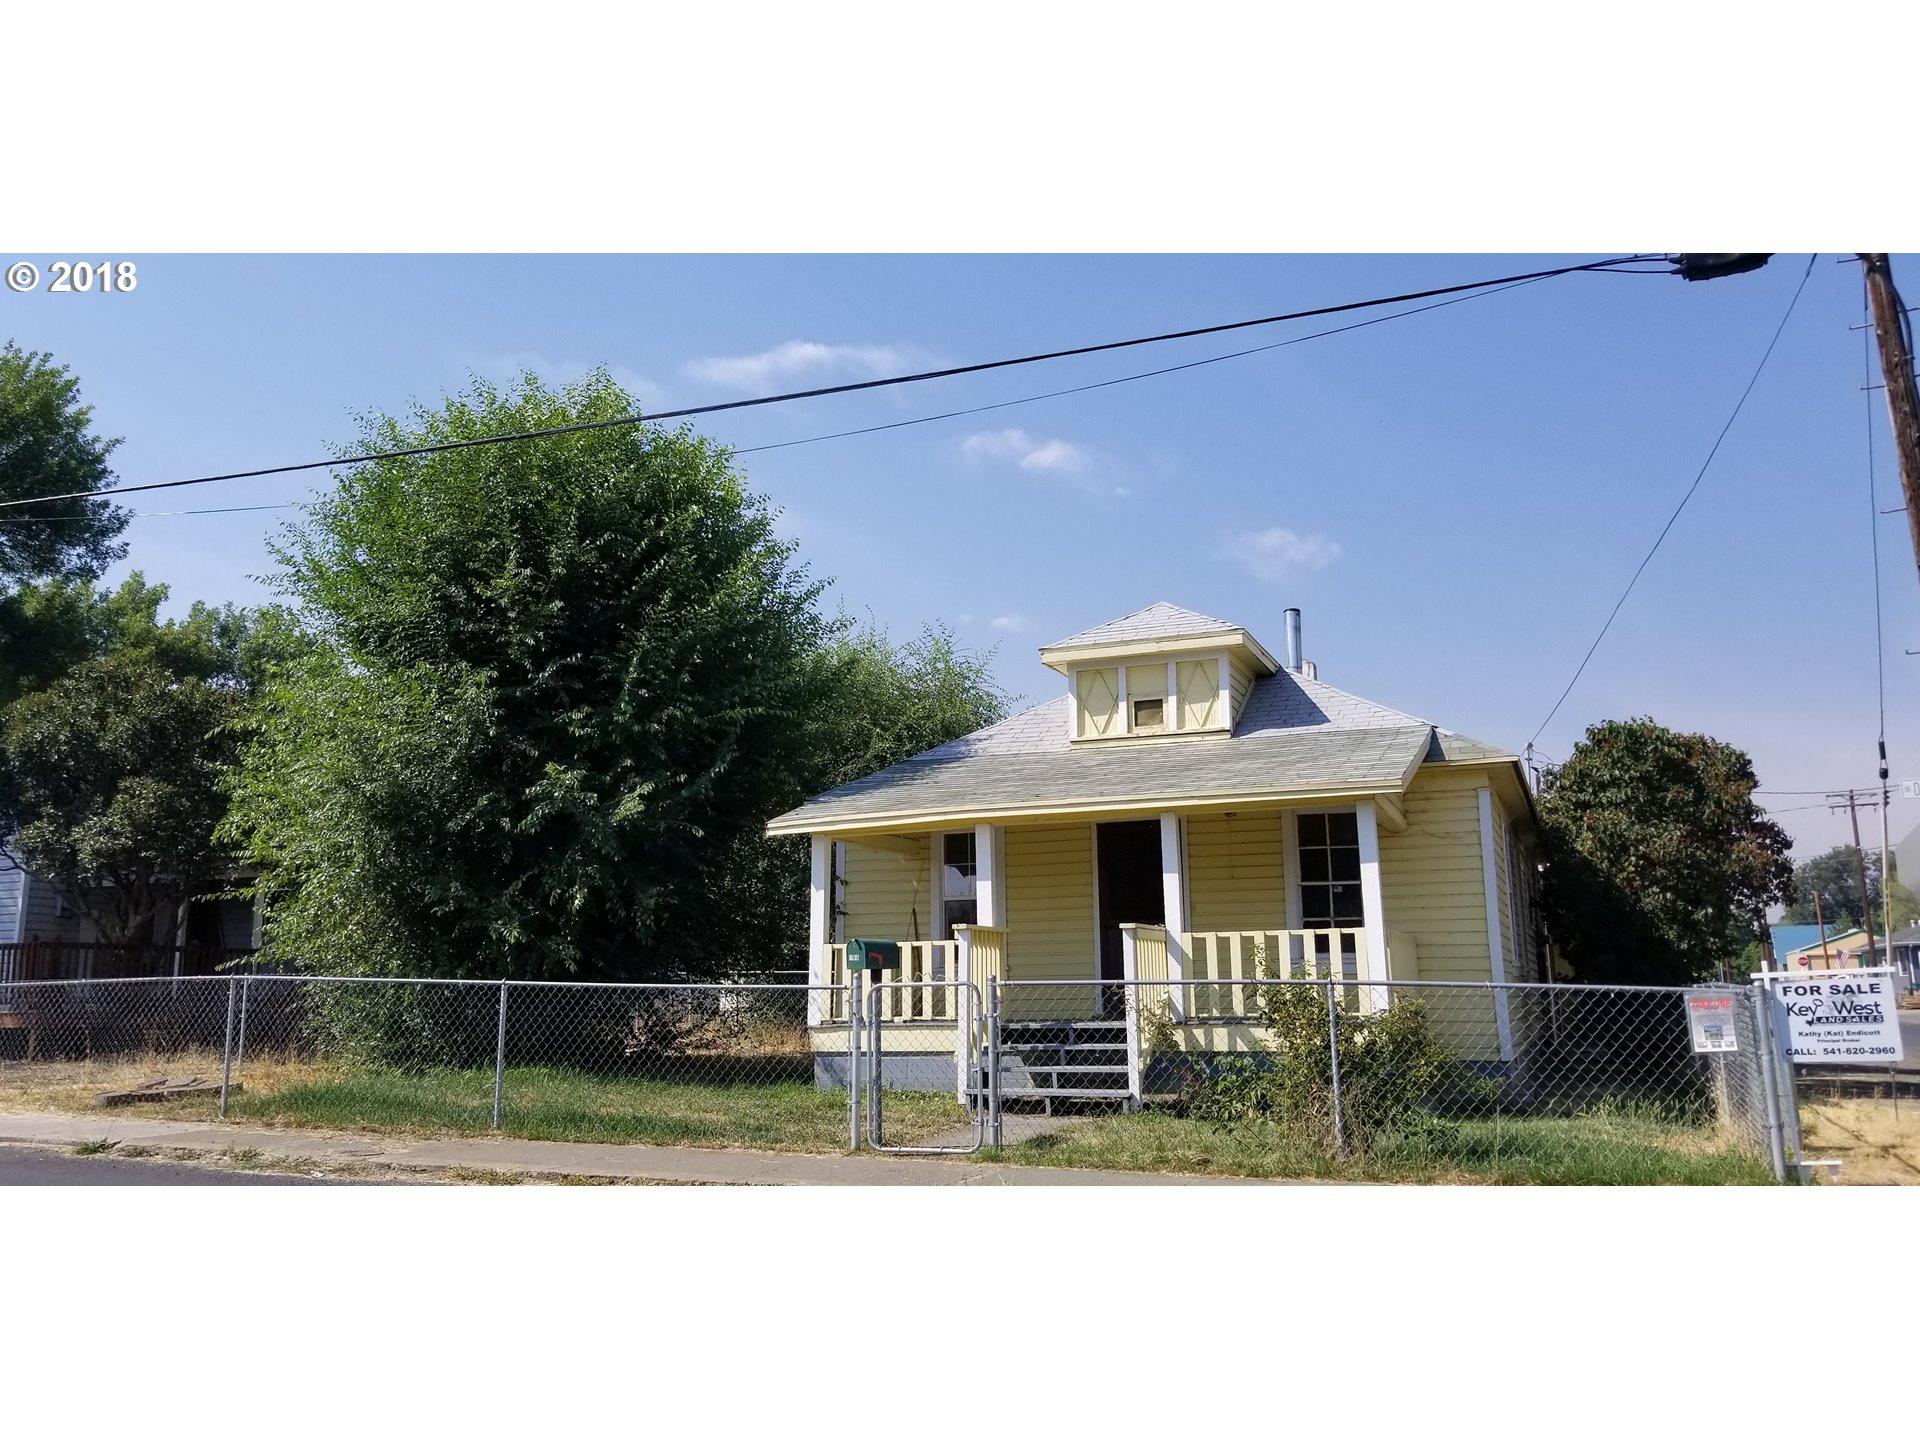 160 NE DAYTON ST John Day, OR 97845 - MLS #: 18626322